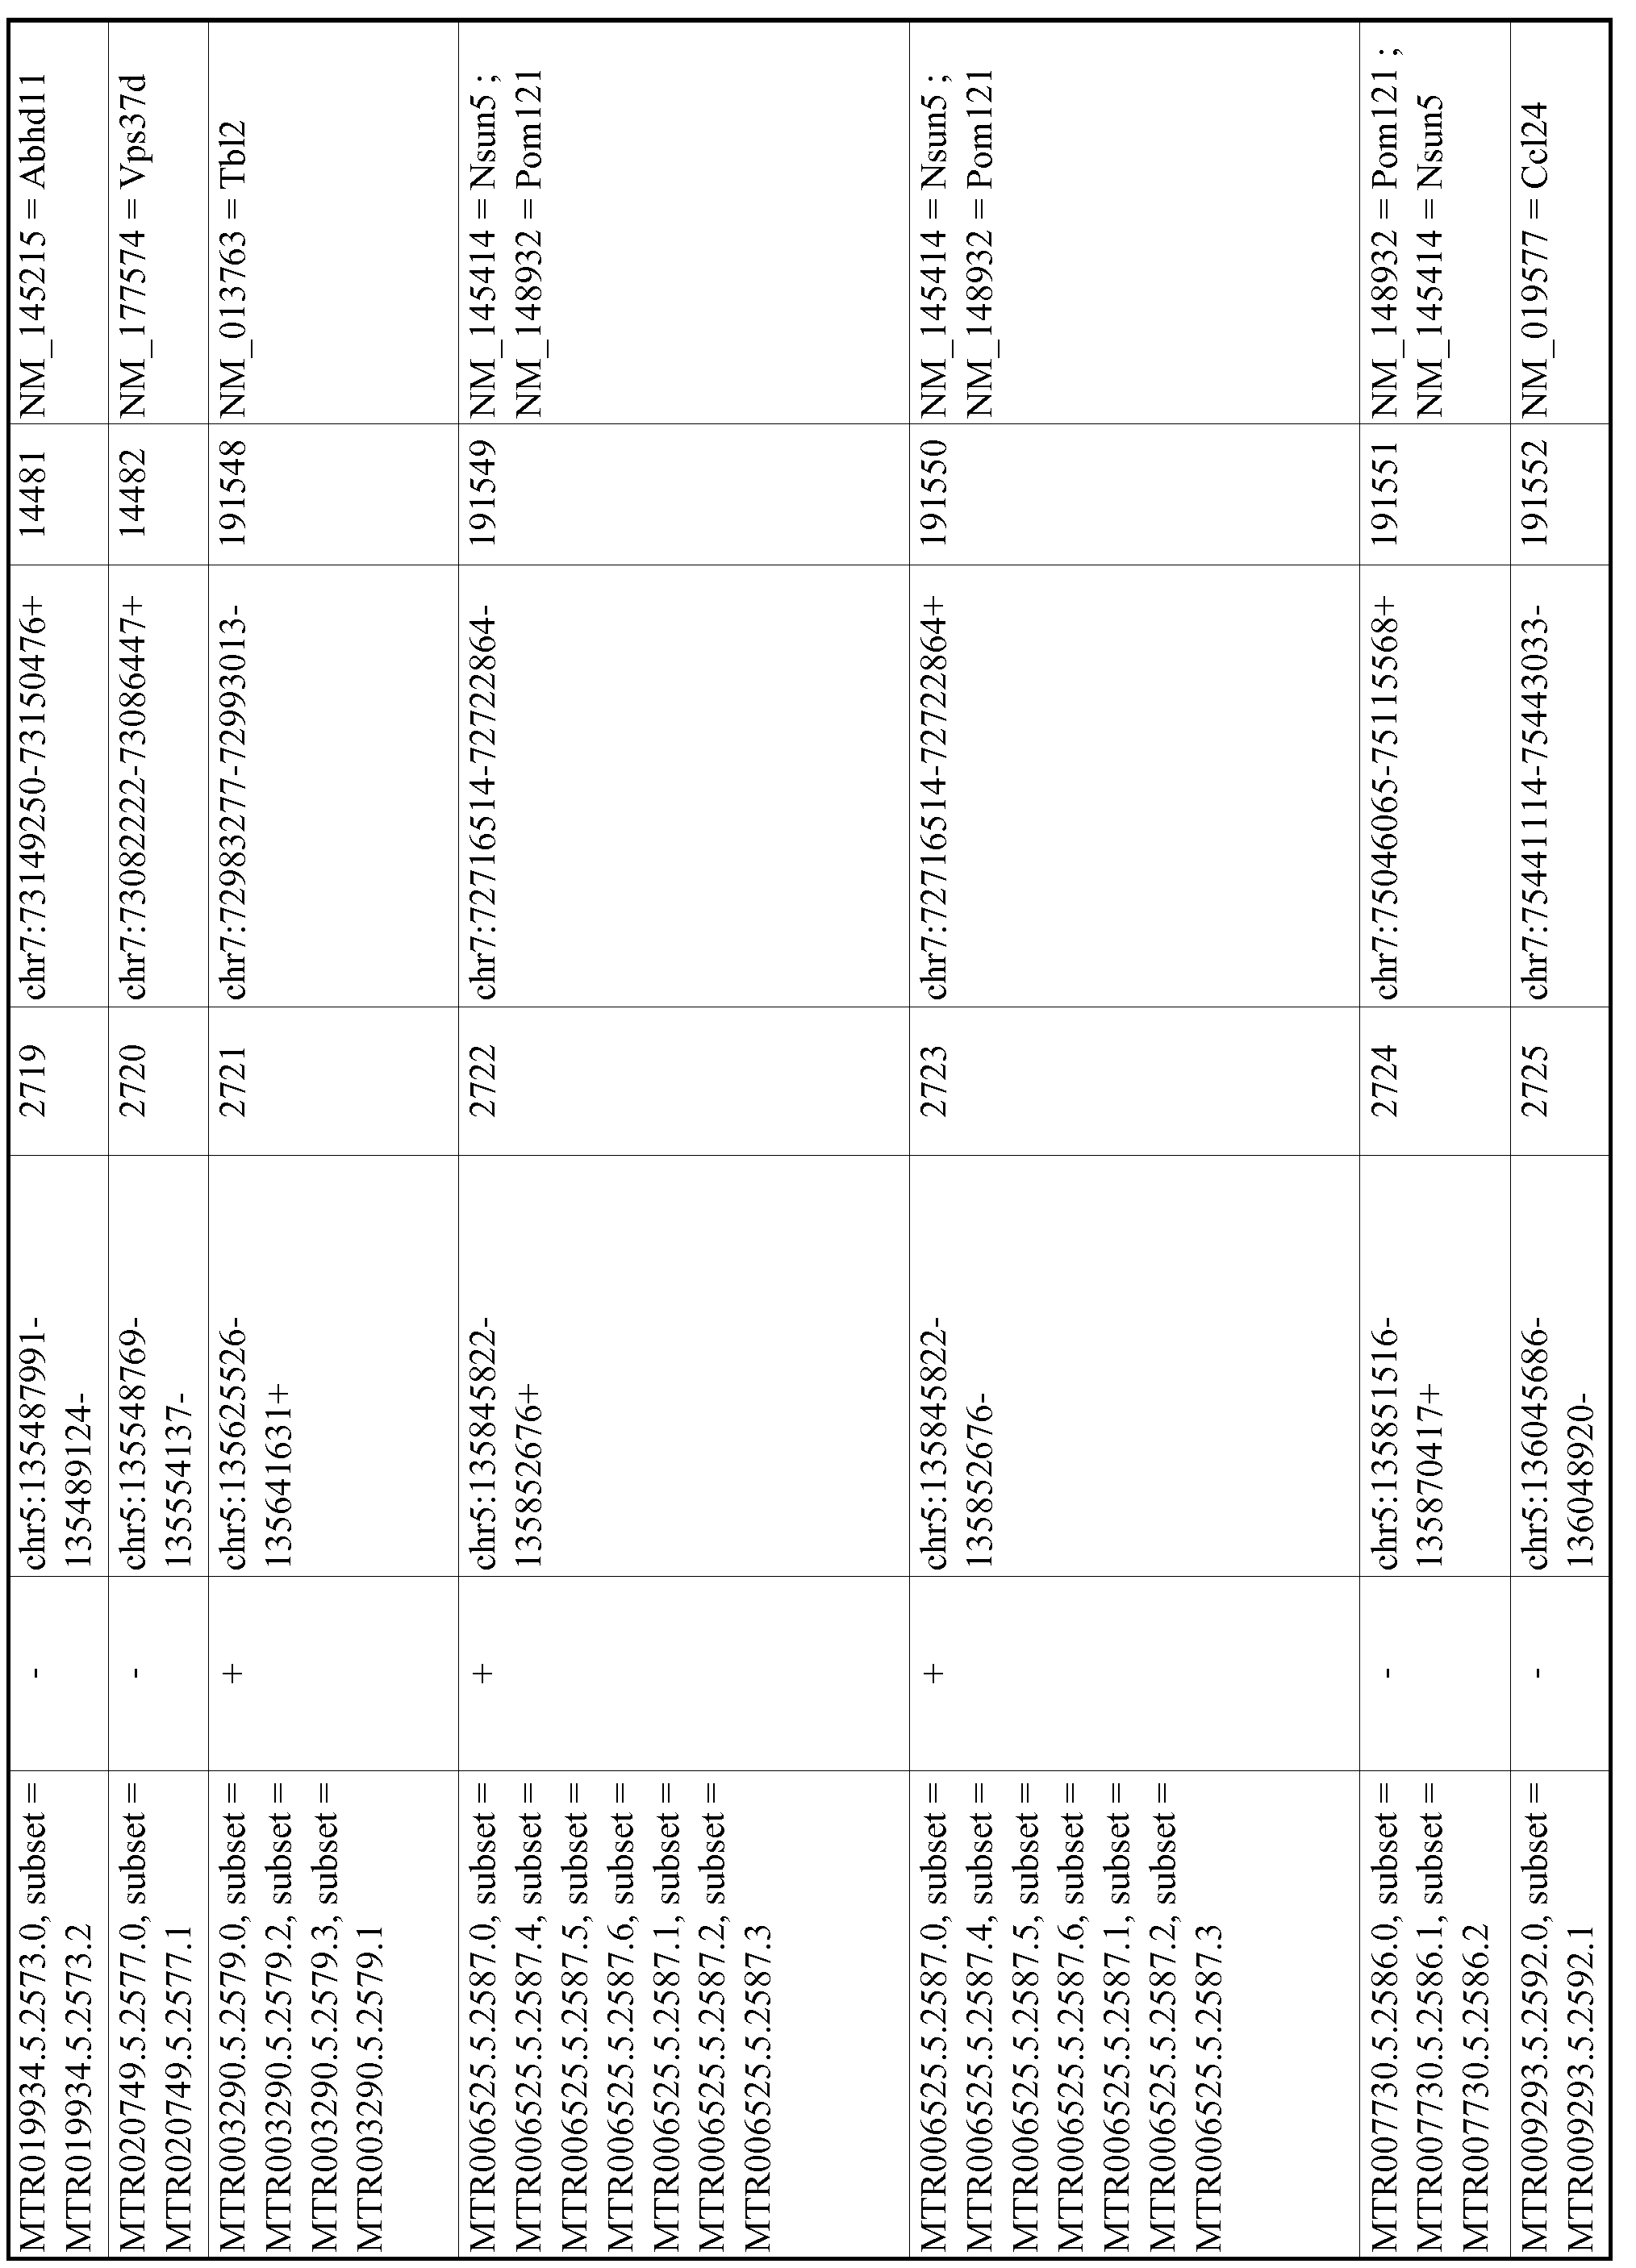 Figure imgf000565_0001